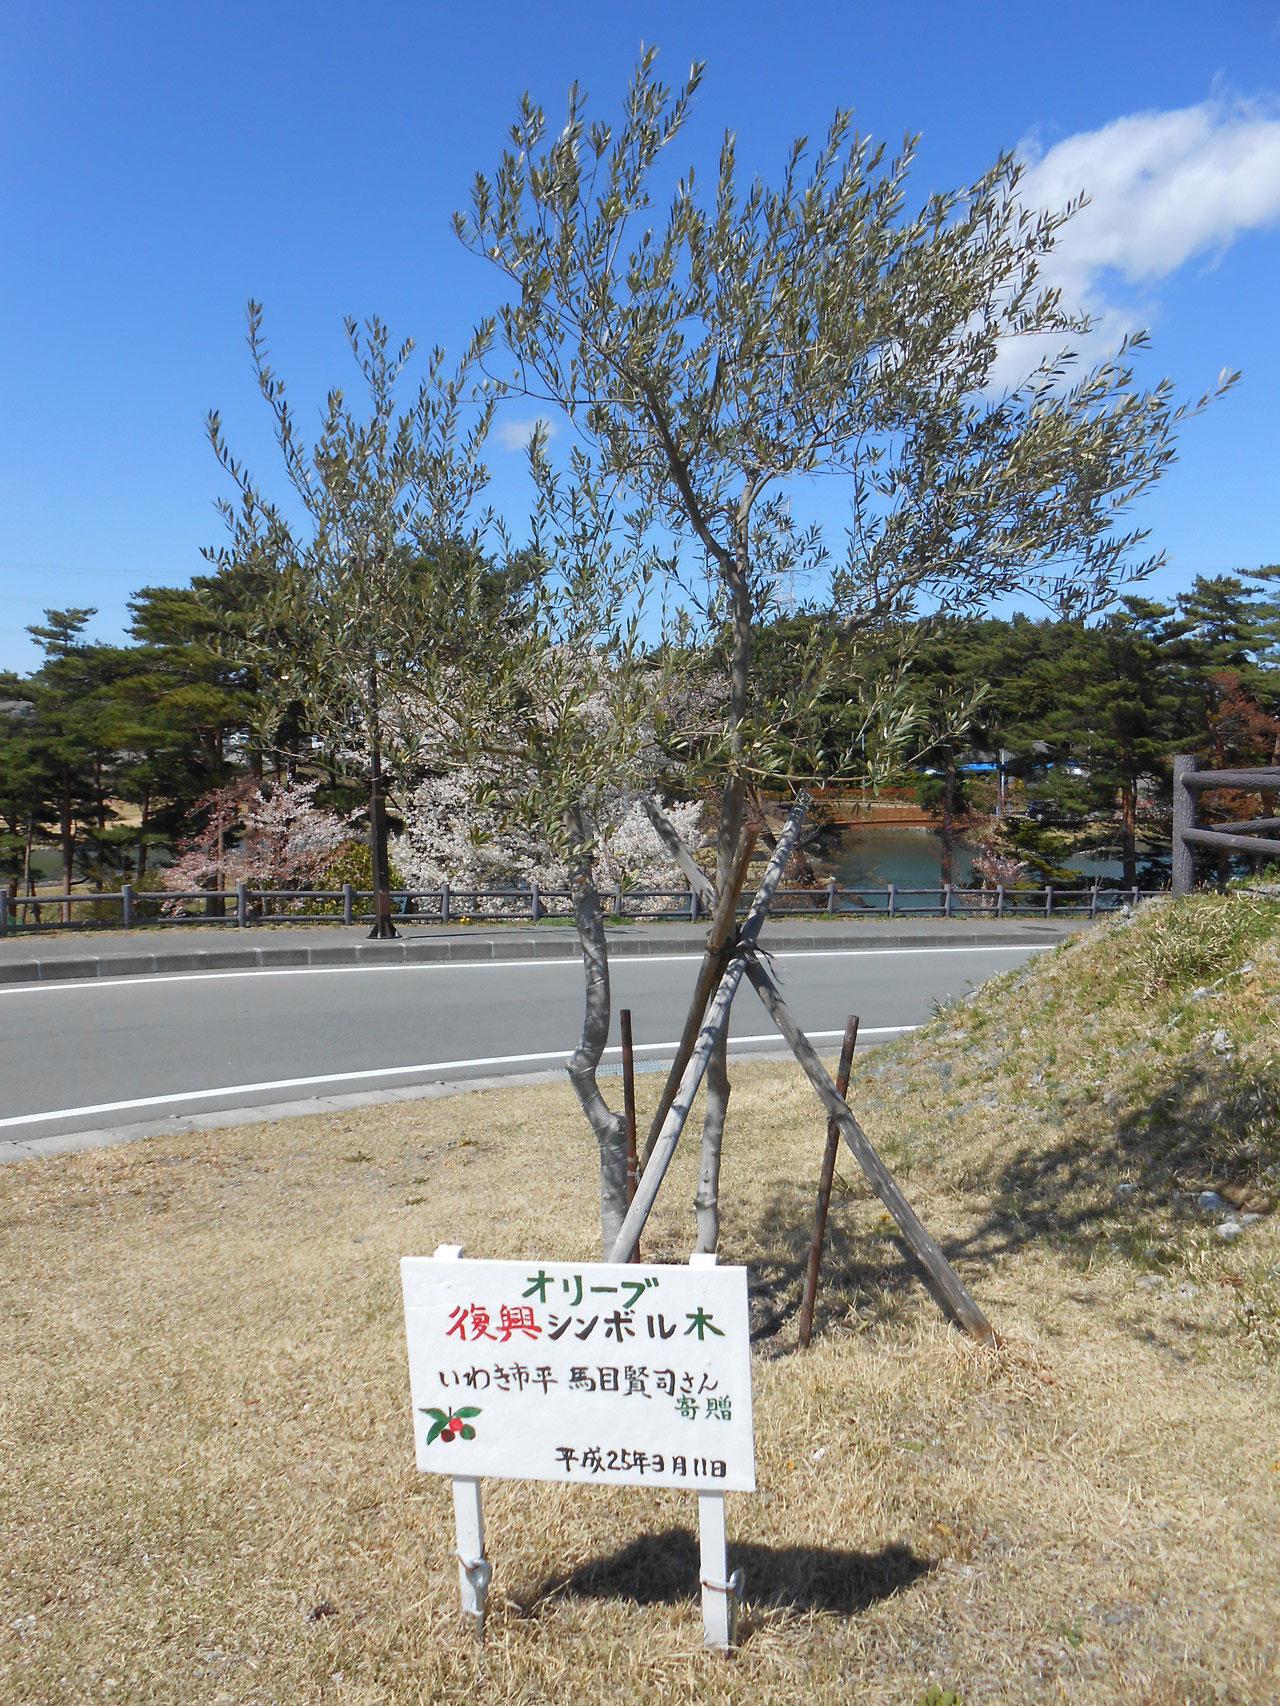 平成28年4月15日 後ろに桜が見えます。